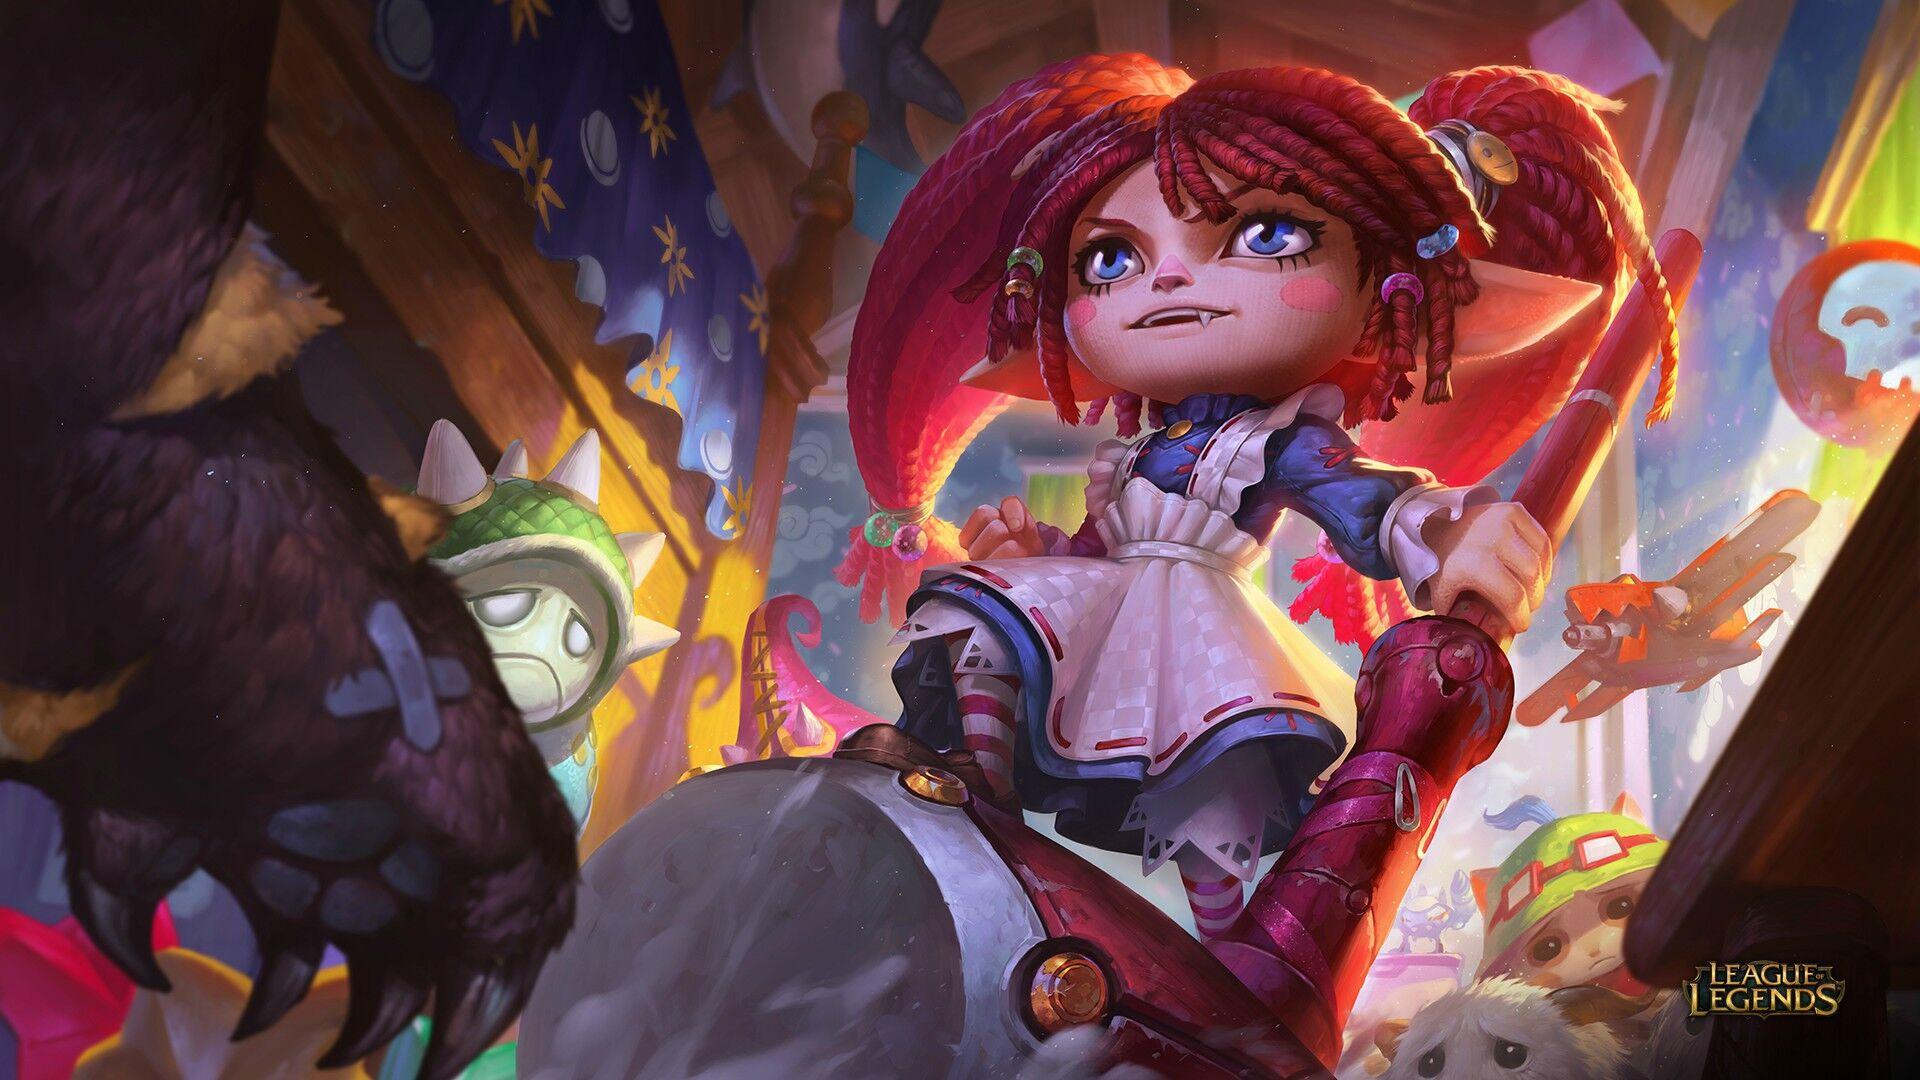 Poppy League Of Legends Wallpaper 2090338 Zerochan Anime